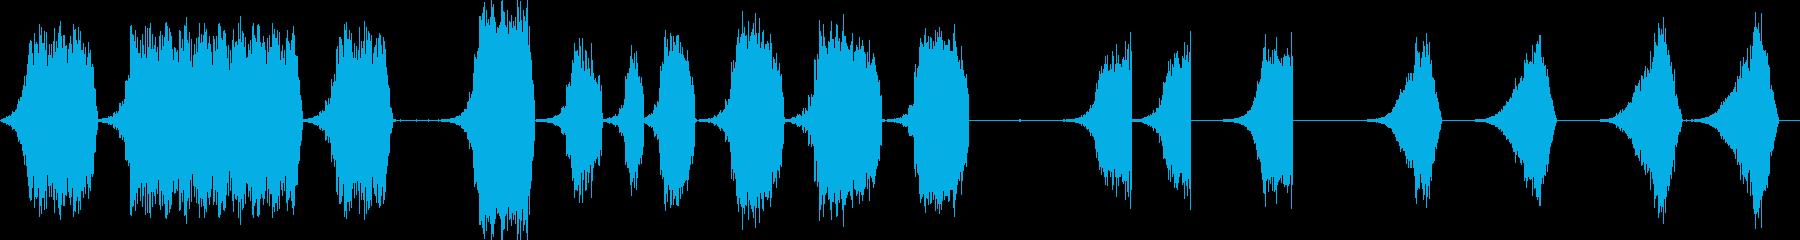 シンセの後方上昇の再生済みの波形